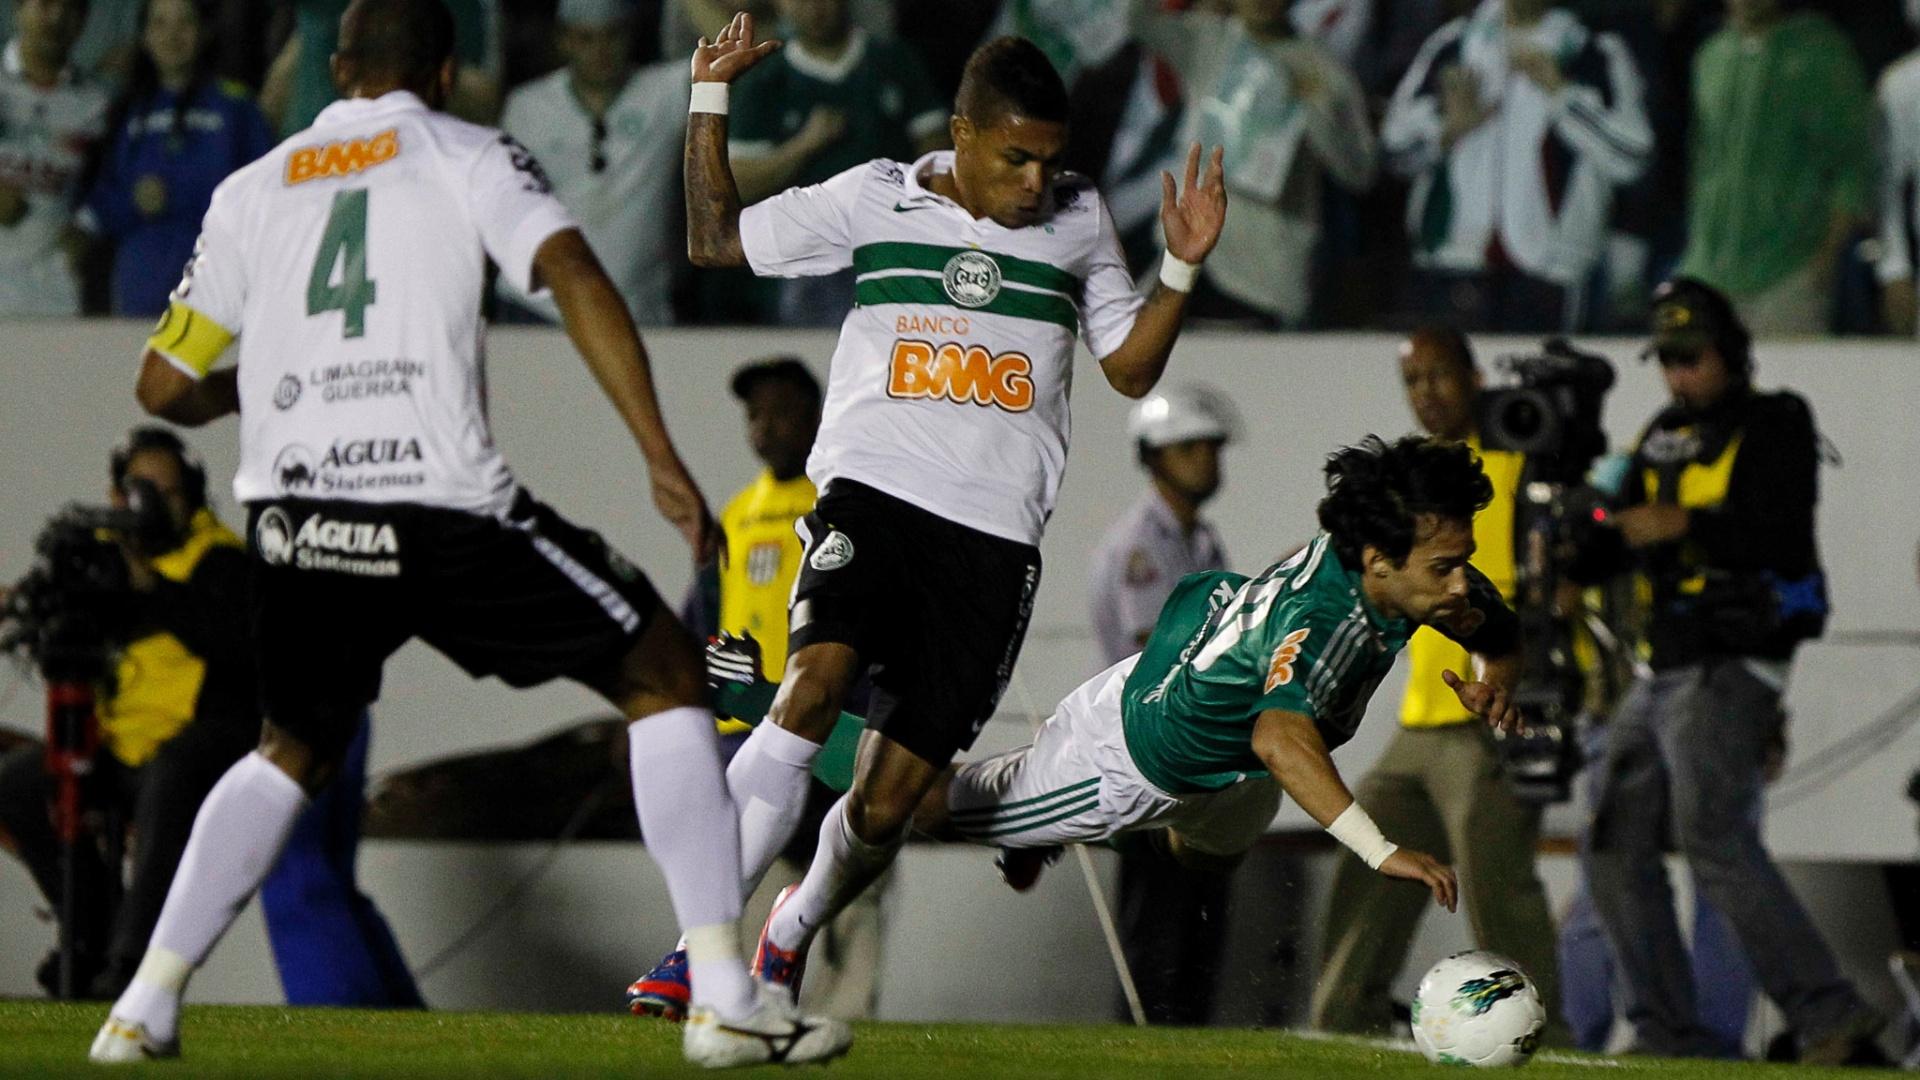 Valdivia tenta cavar pênalti em lance da partida contra o Coritiba na final da Copa do Brasil